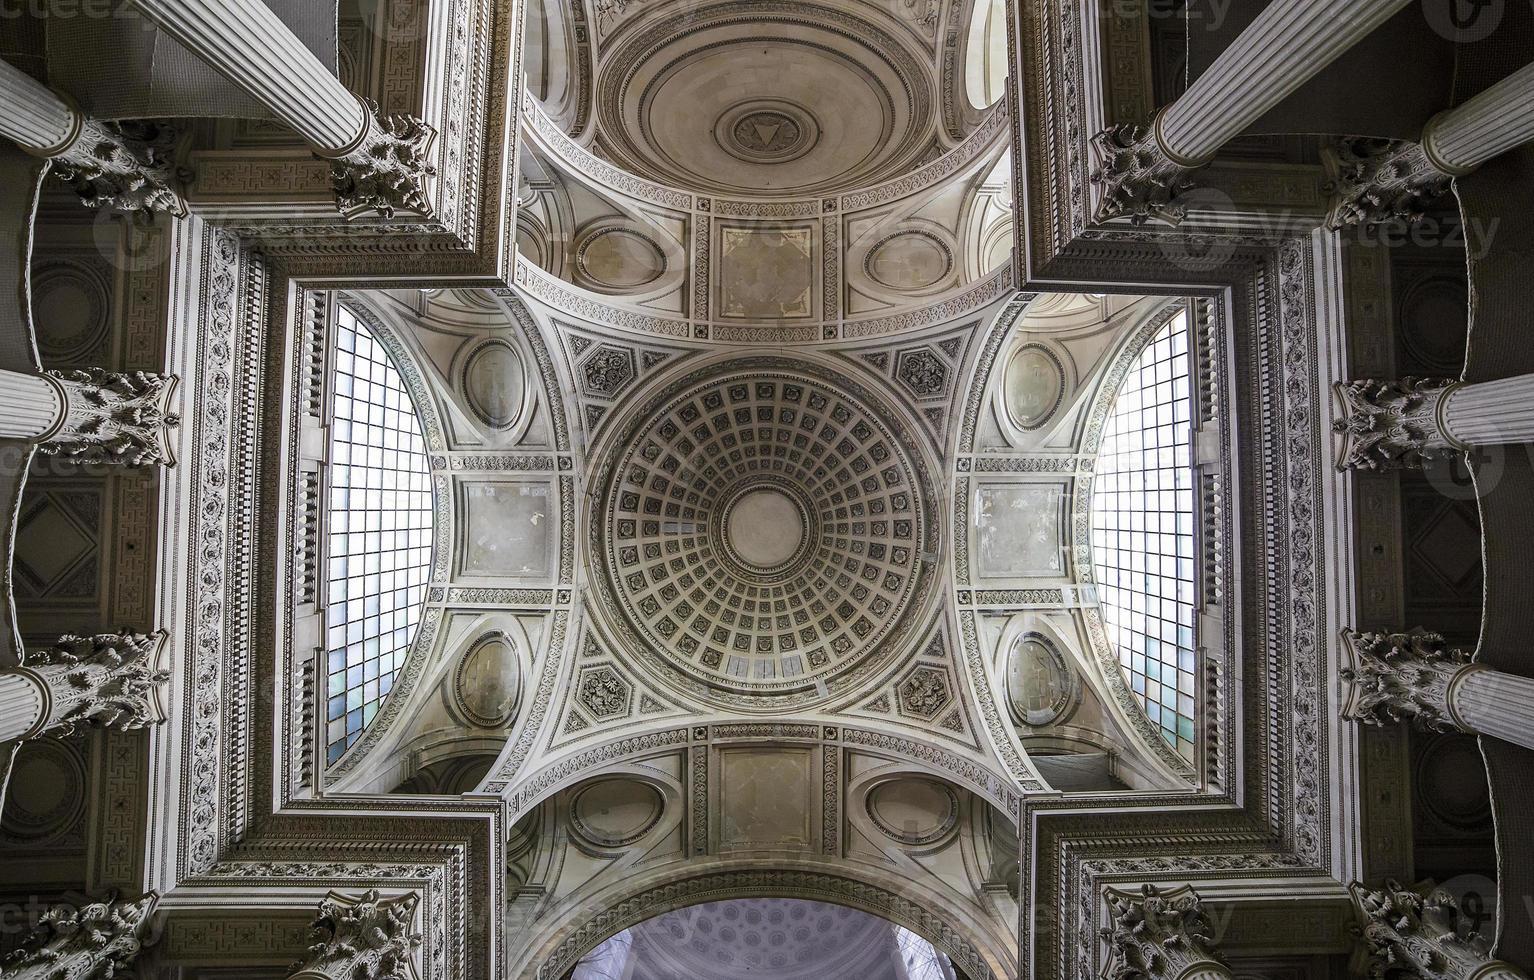 interiores da necrópole do panteão, paris, frança foto